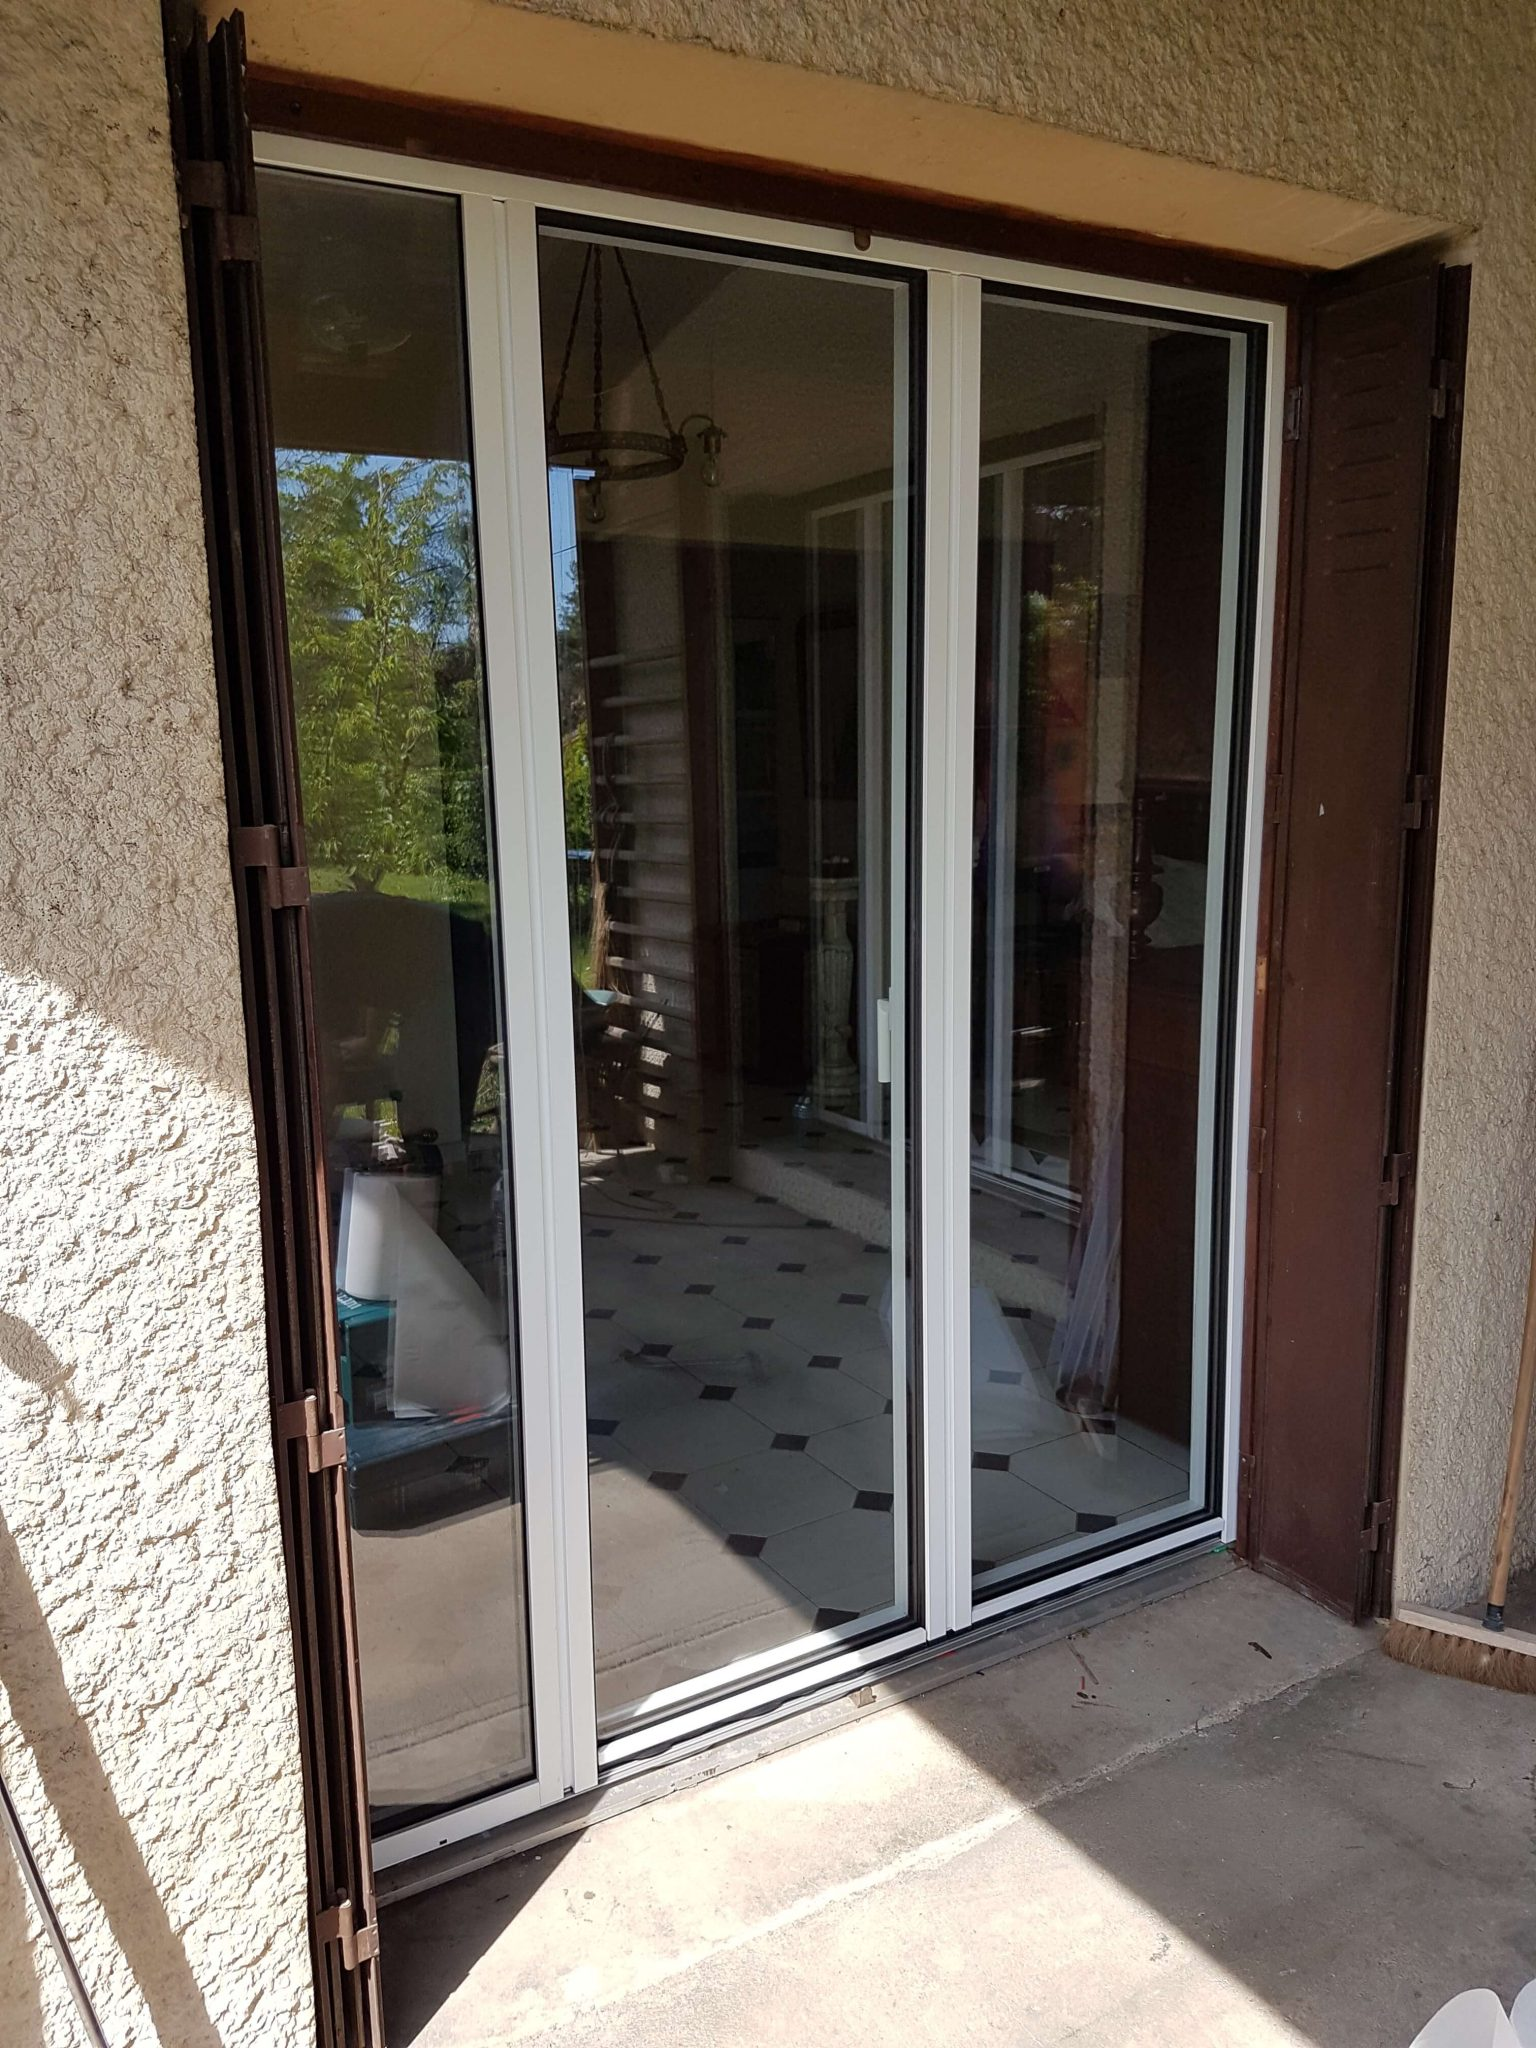 portes fenêtres kline - GCDH intervient sur l'installation de portes-fenêtres